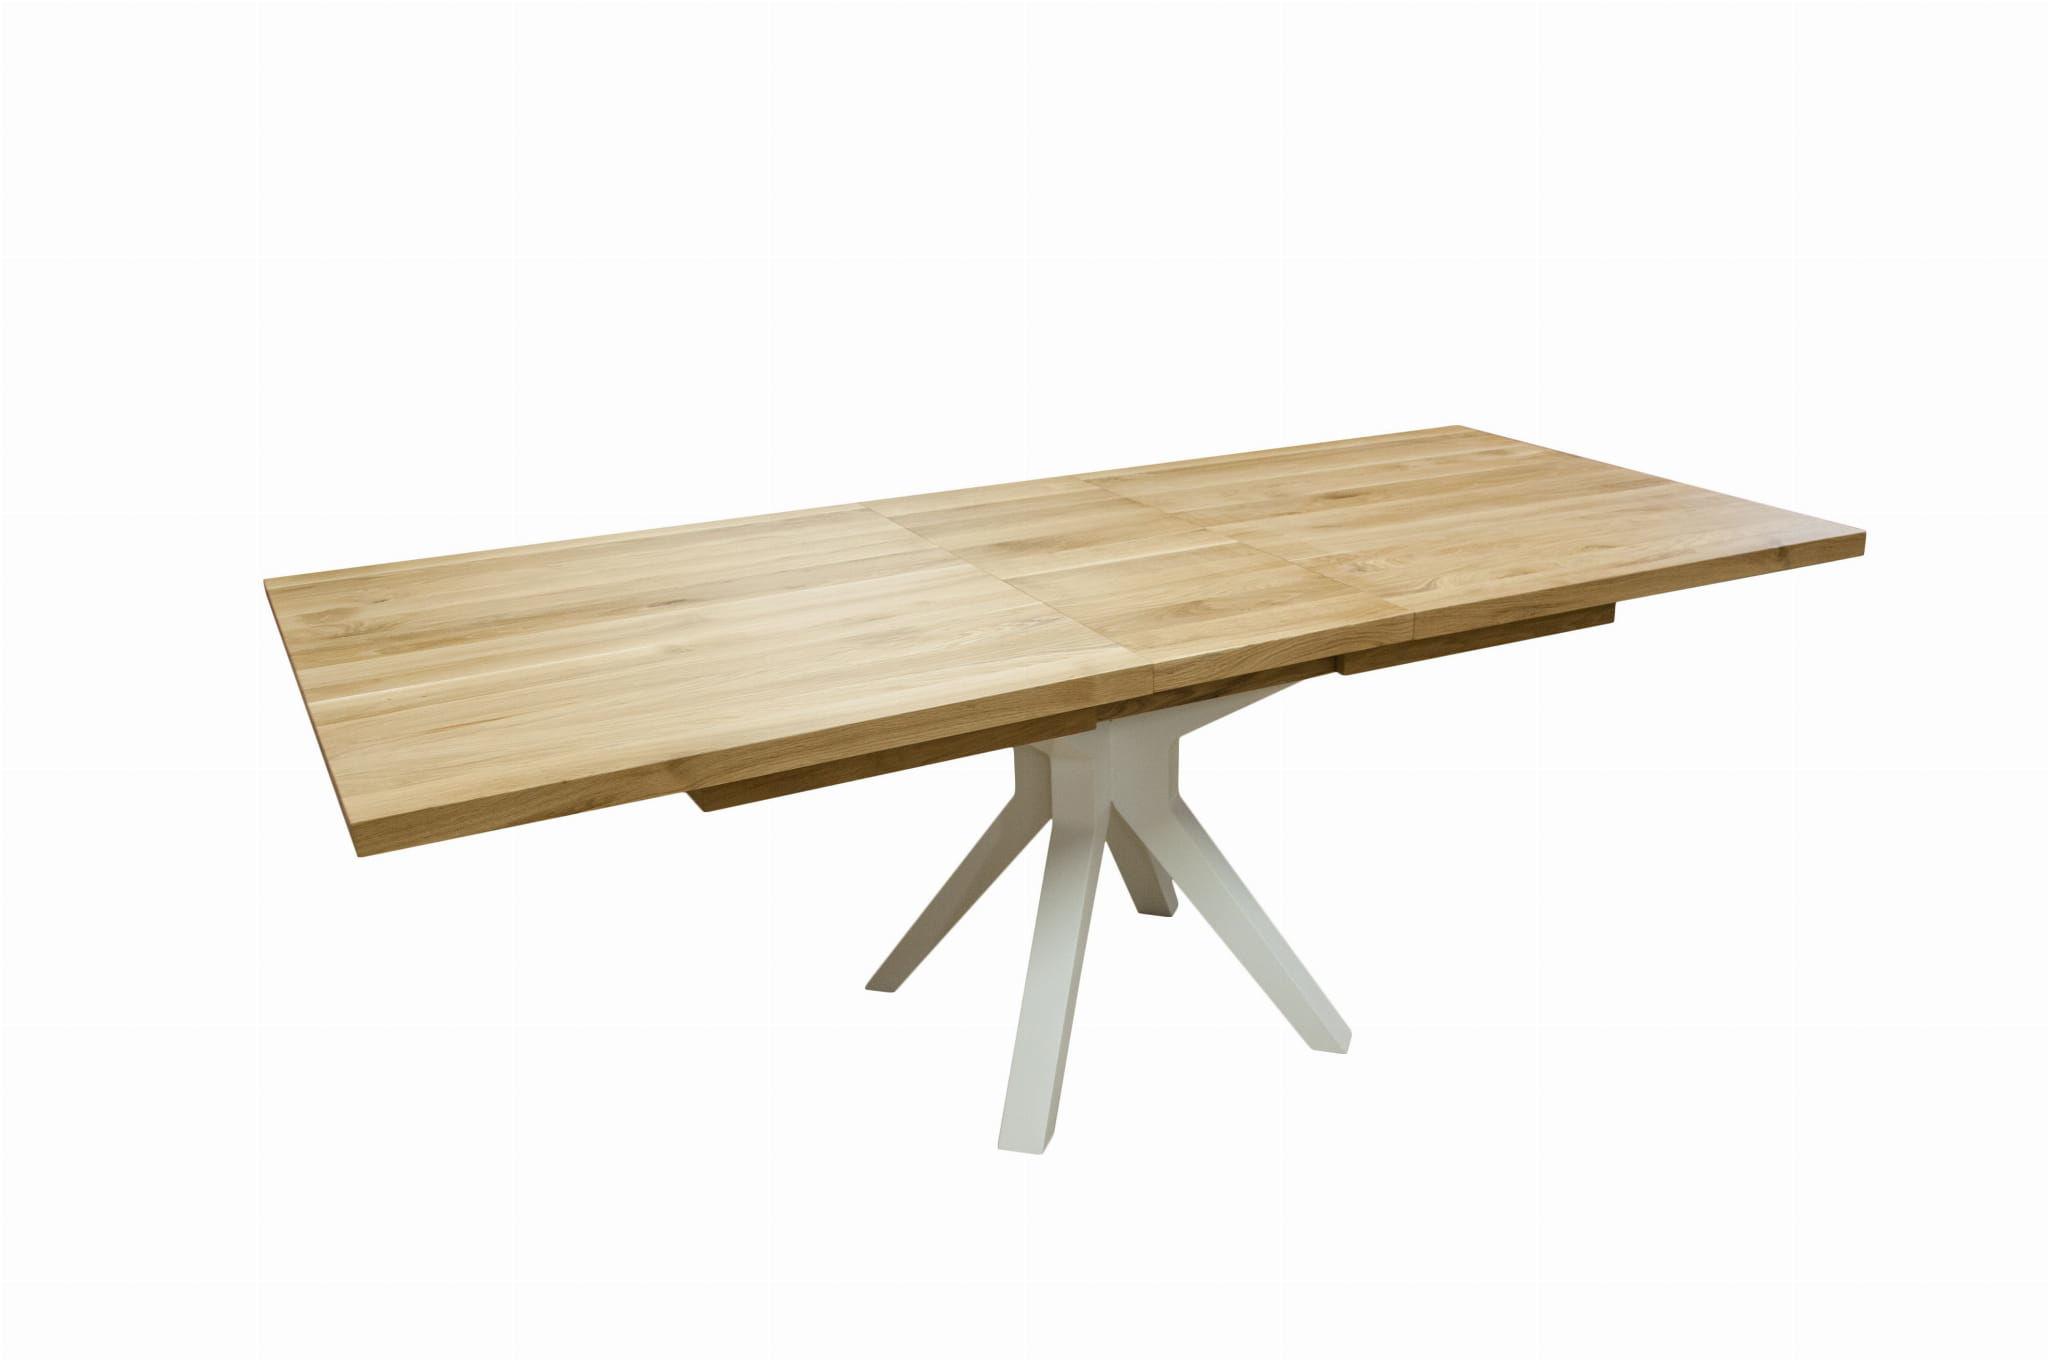 Stół dębowy RANGO rozkładany do 4,5m z nogą metalową